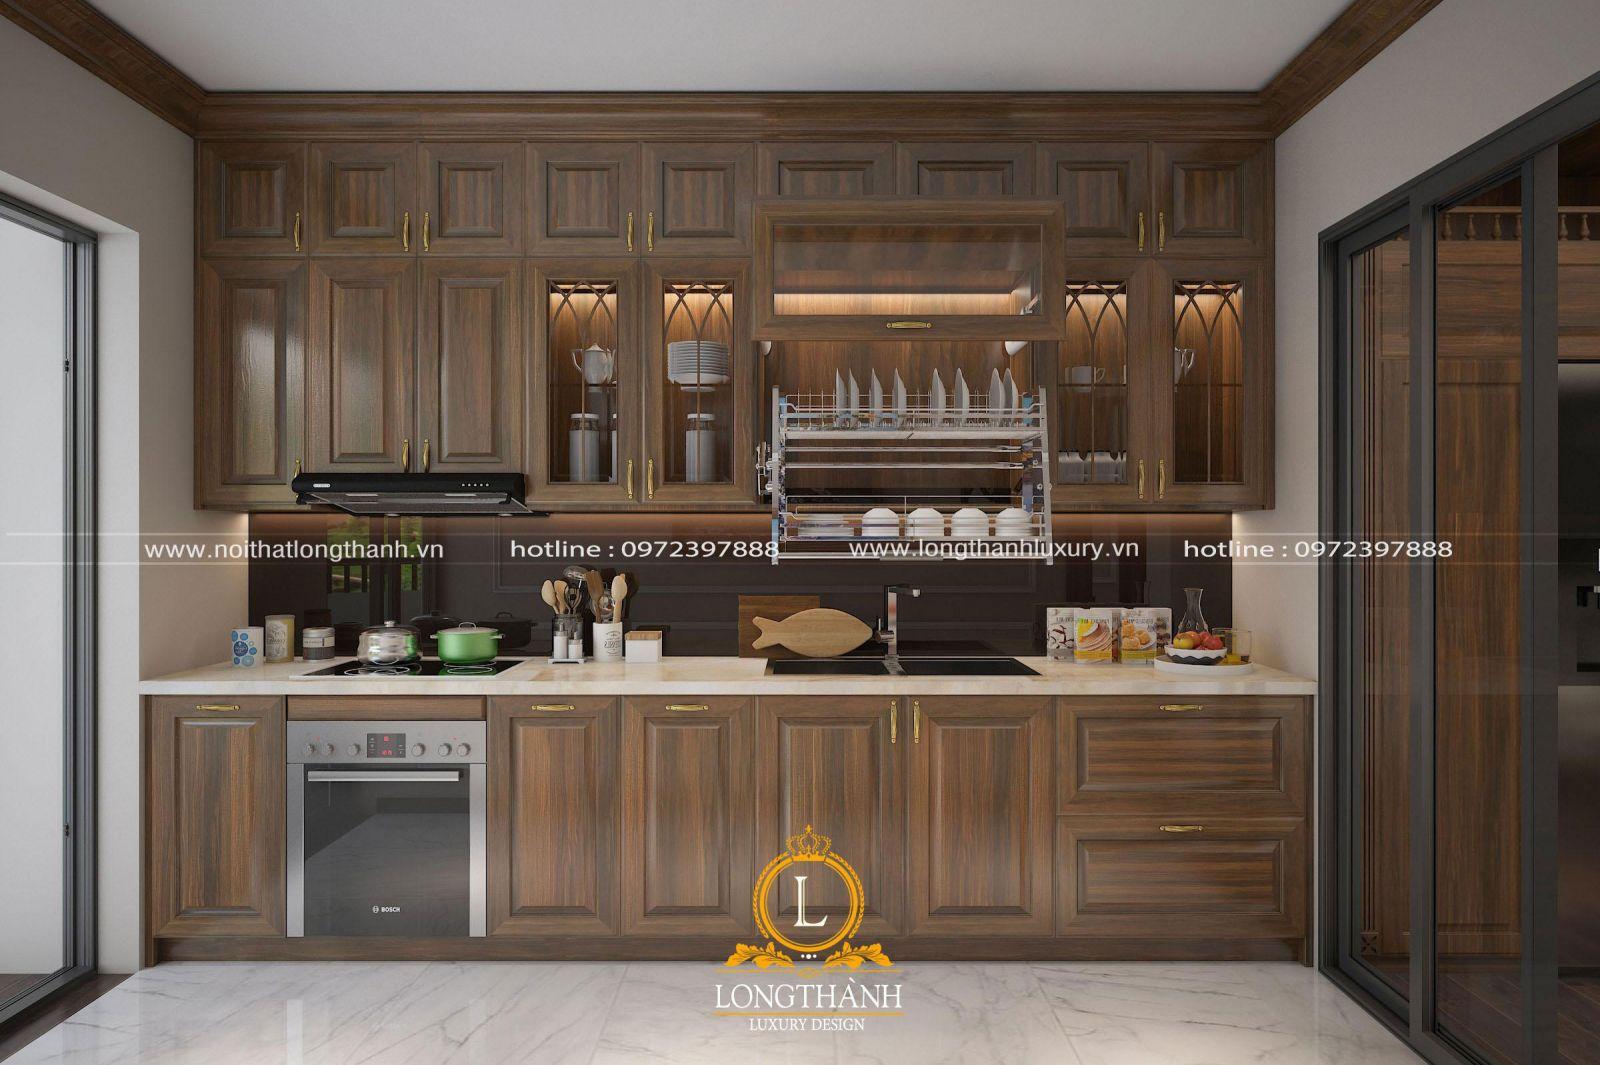 Phòng bếp với thiết kế tủ bếp chữ I độc đáo